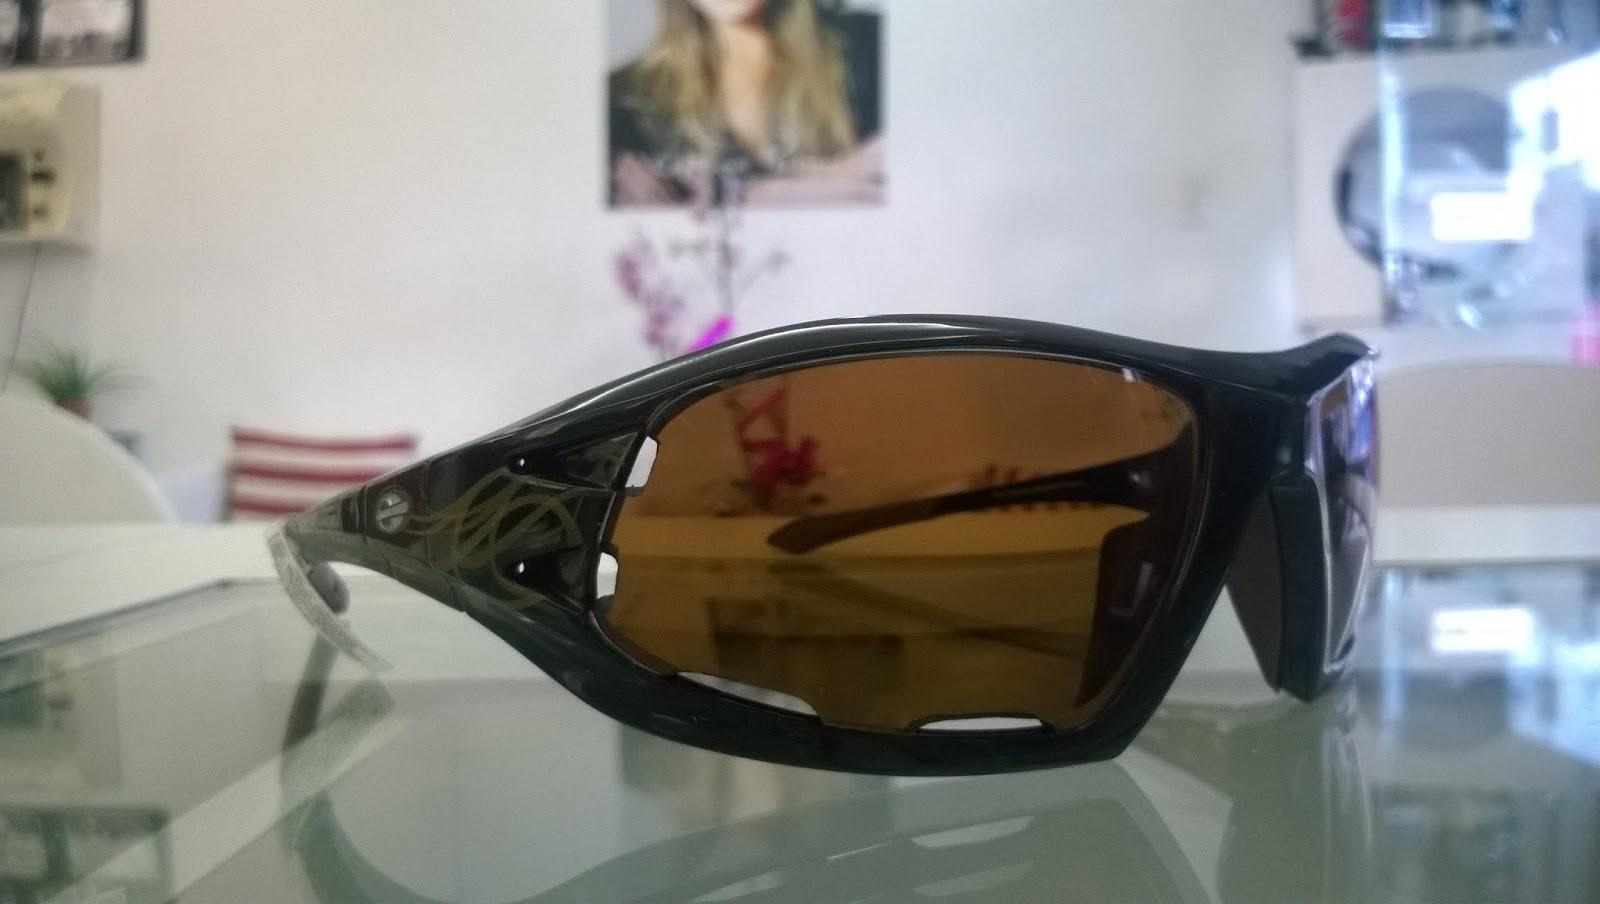 11ea4c132 Óculos Mormaii Floater Customizado com Lentes Graduadas Polarizadas